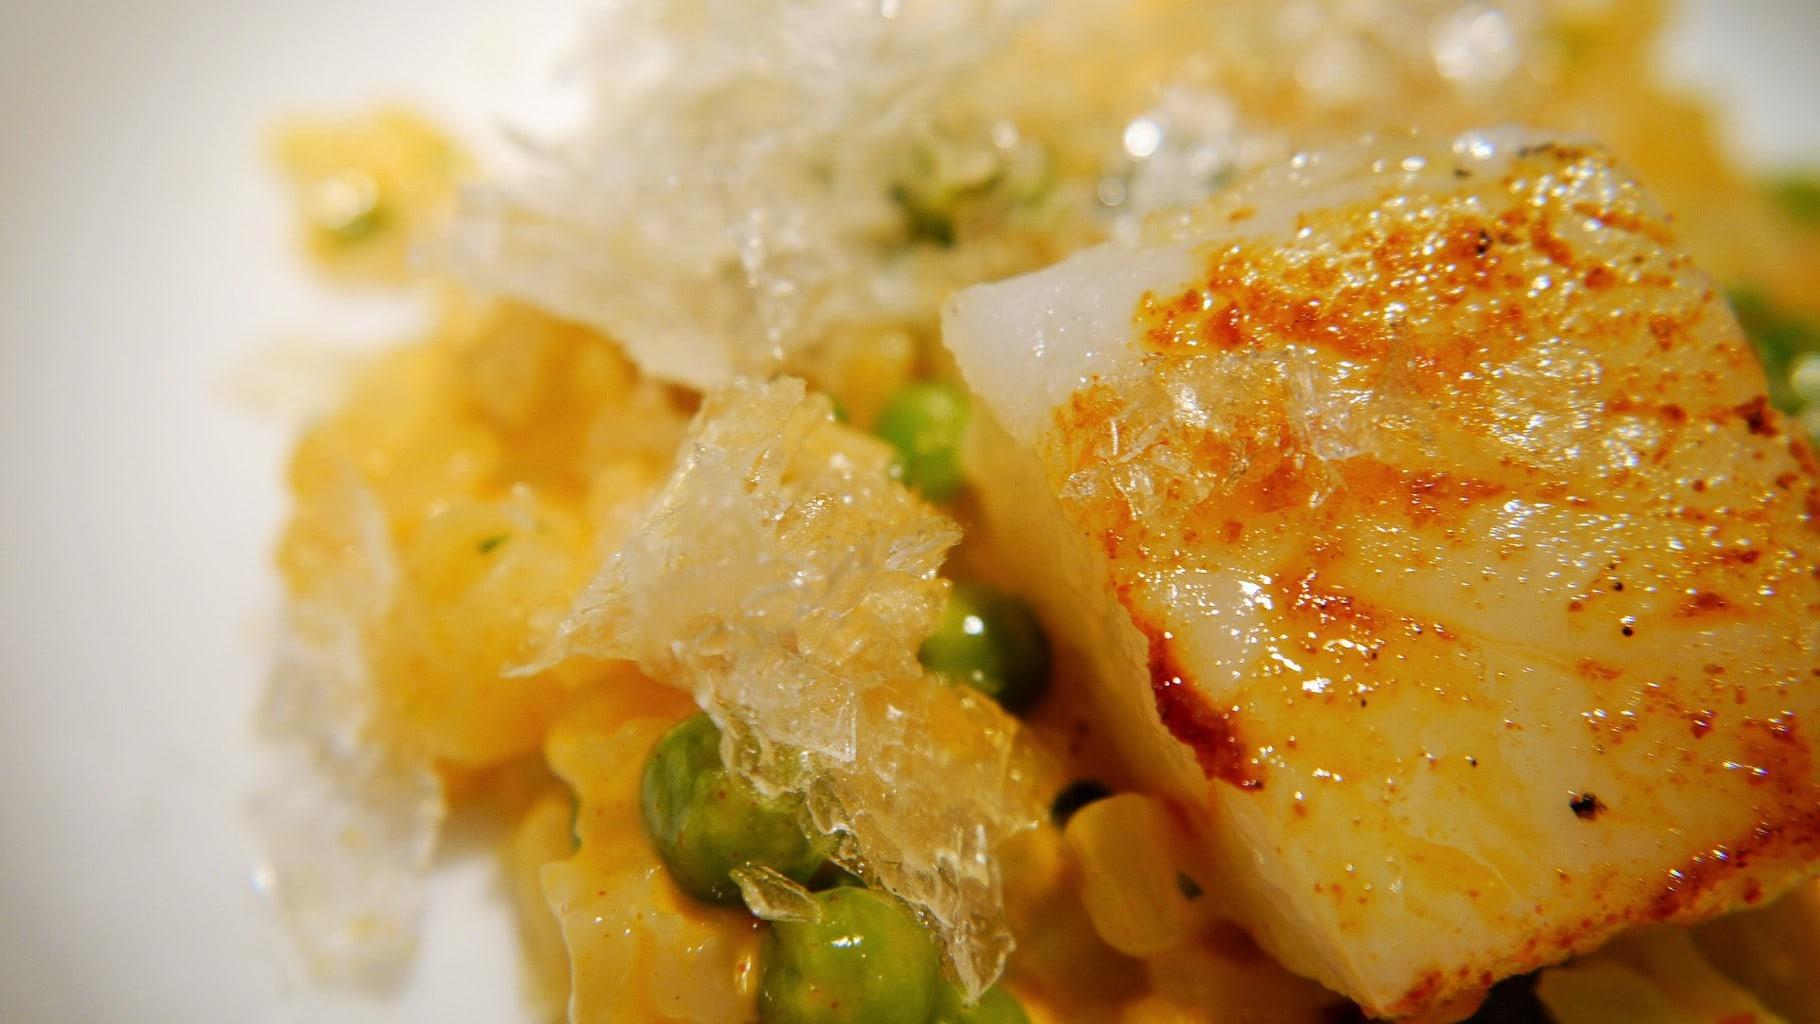 Cod fish Restaurant Cinc Sentits Proximity food